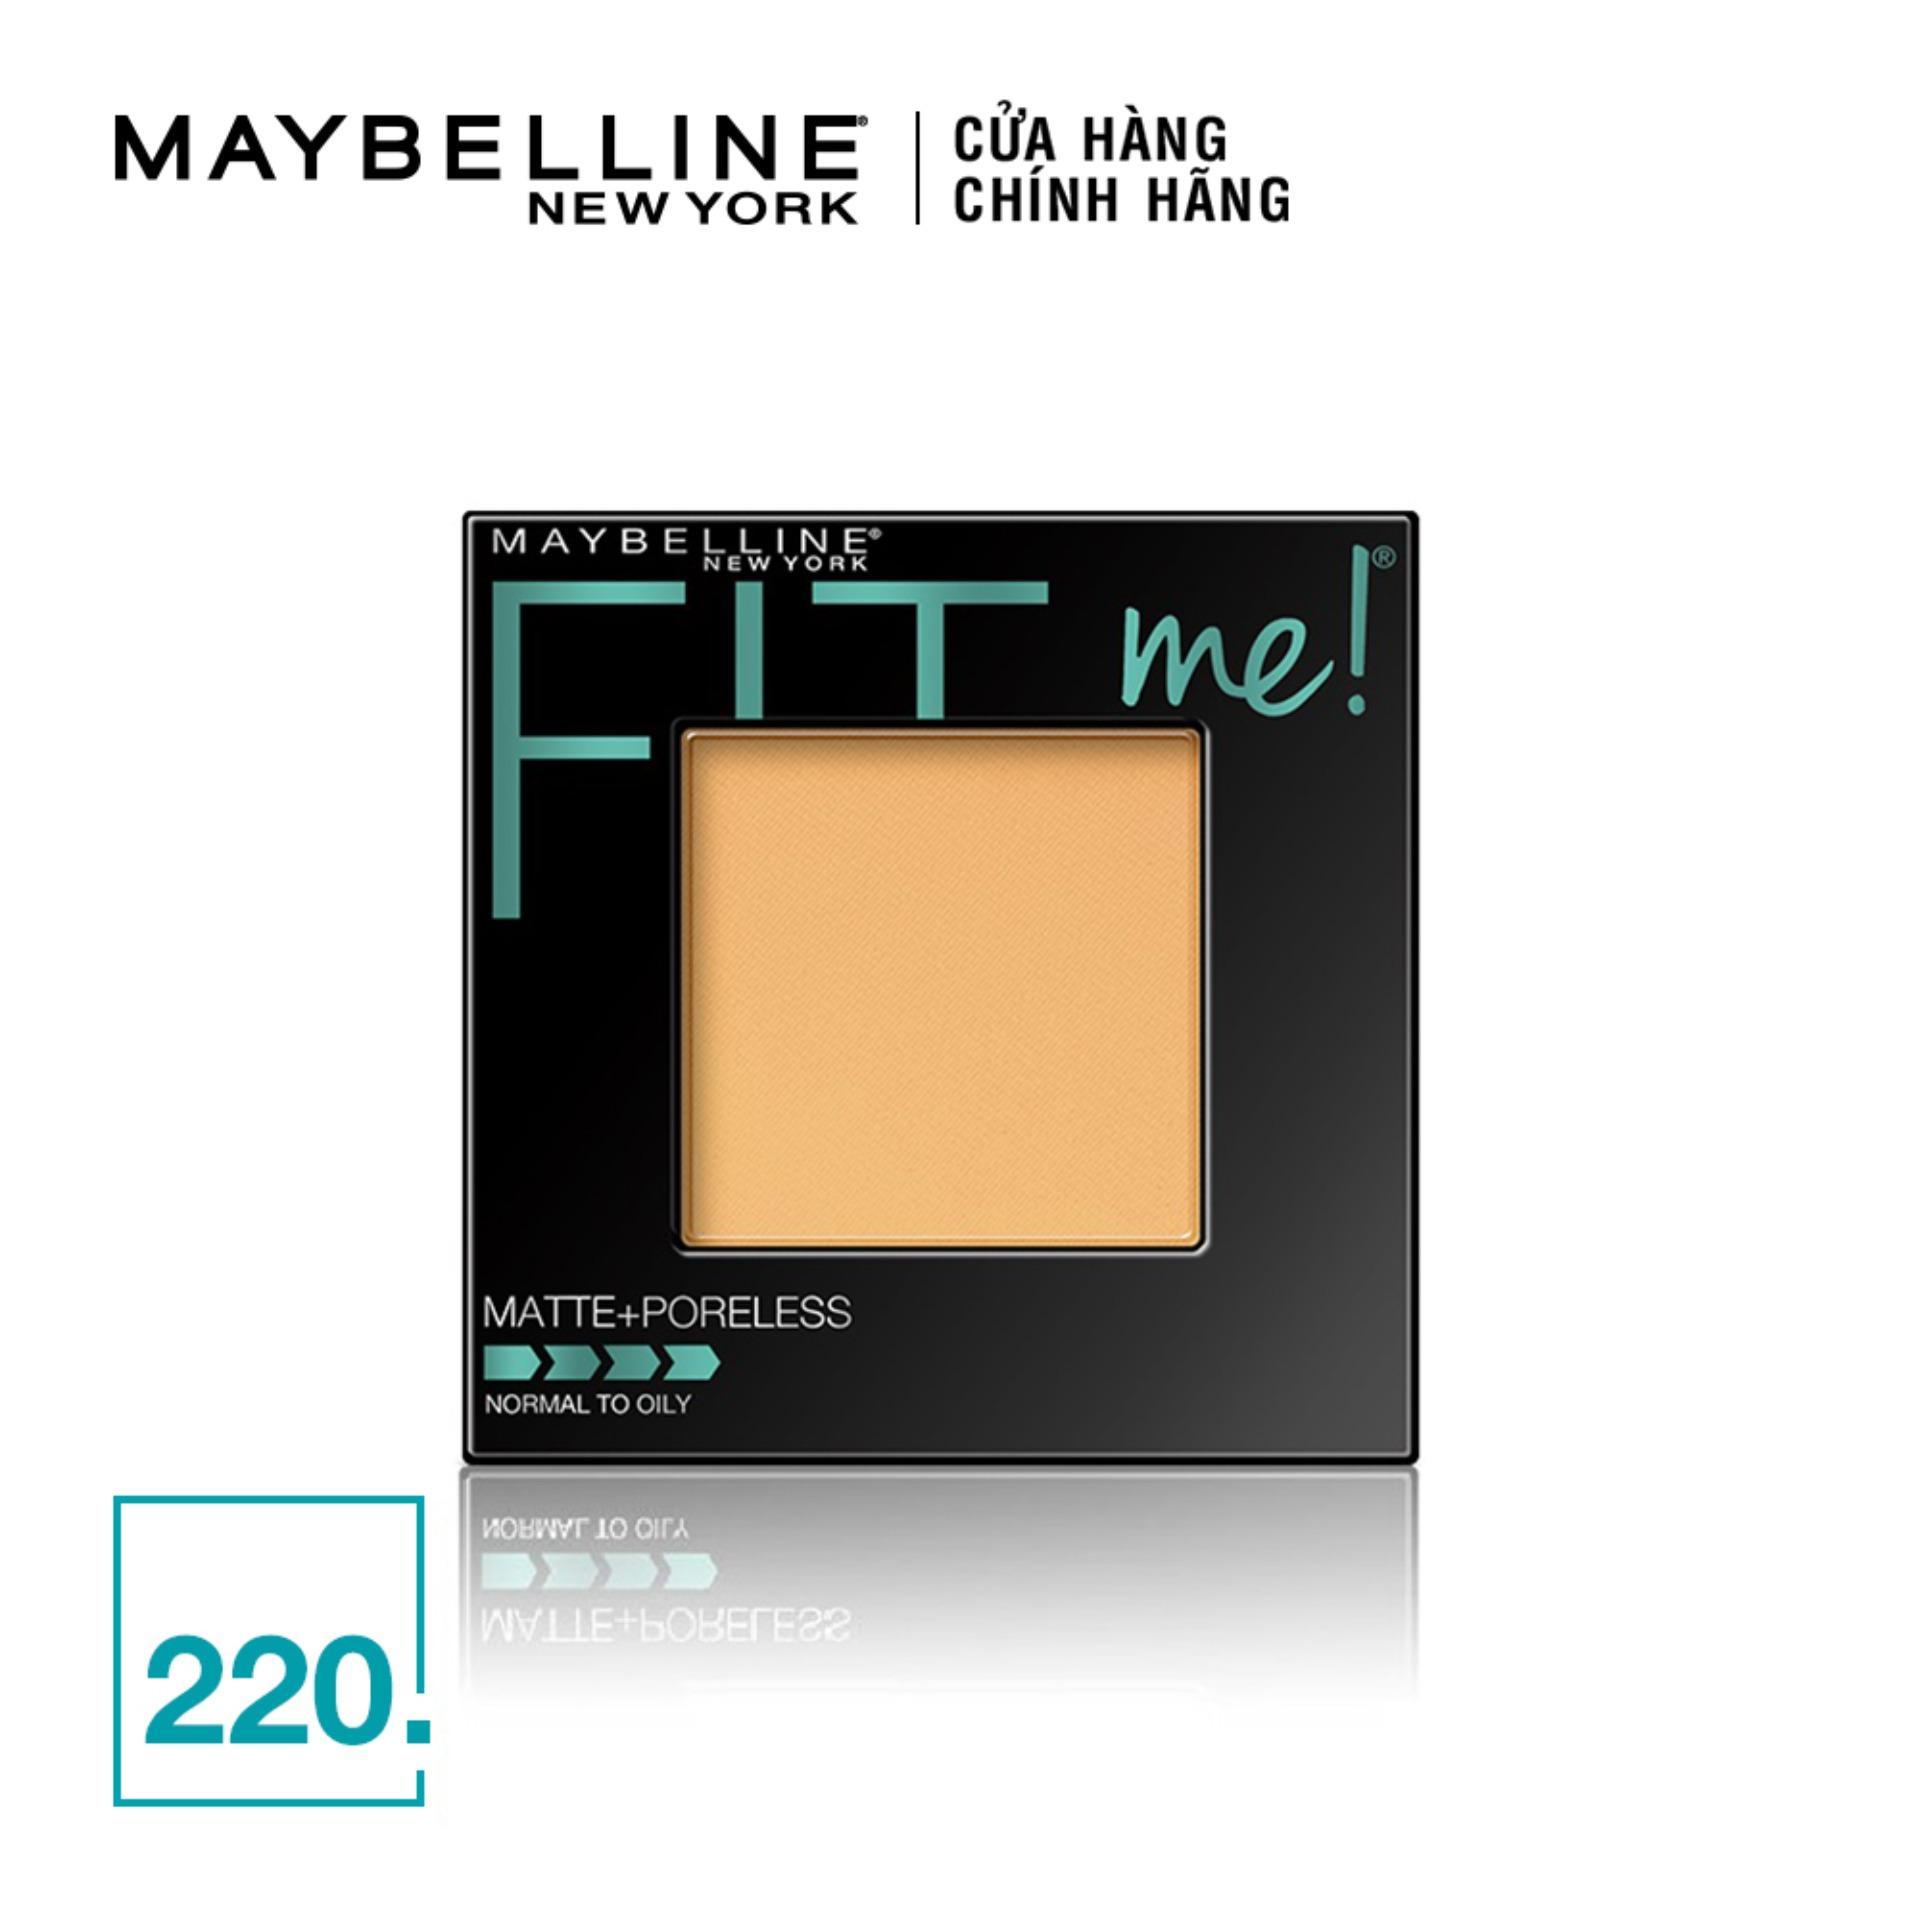 [Flash Sales - Miễnphí vận chuyển HCM & HN ngày 19.3] Phấn Mịn Lì Maybelline New York Fit Me Matte Poreless Powder 8.5g cao cấp